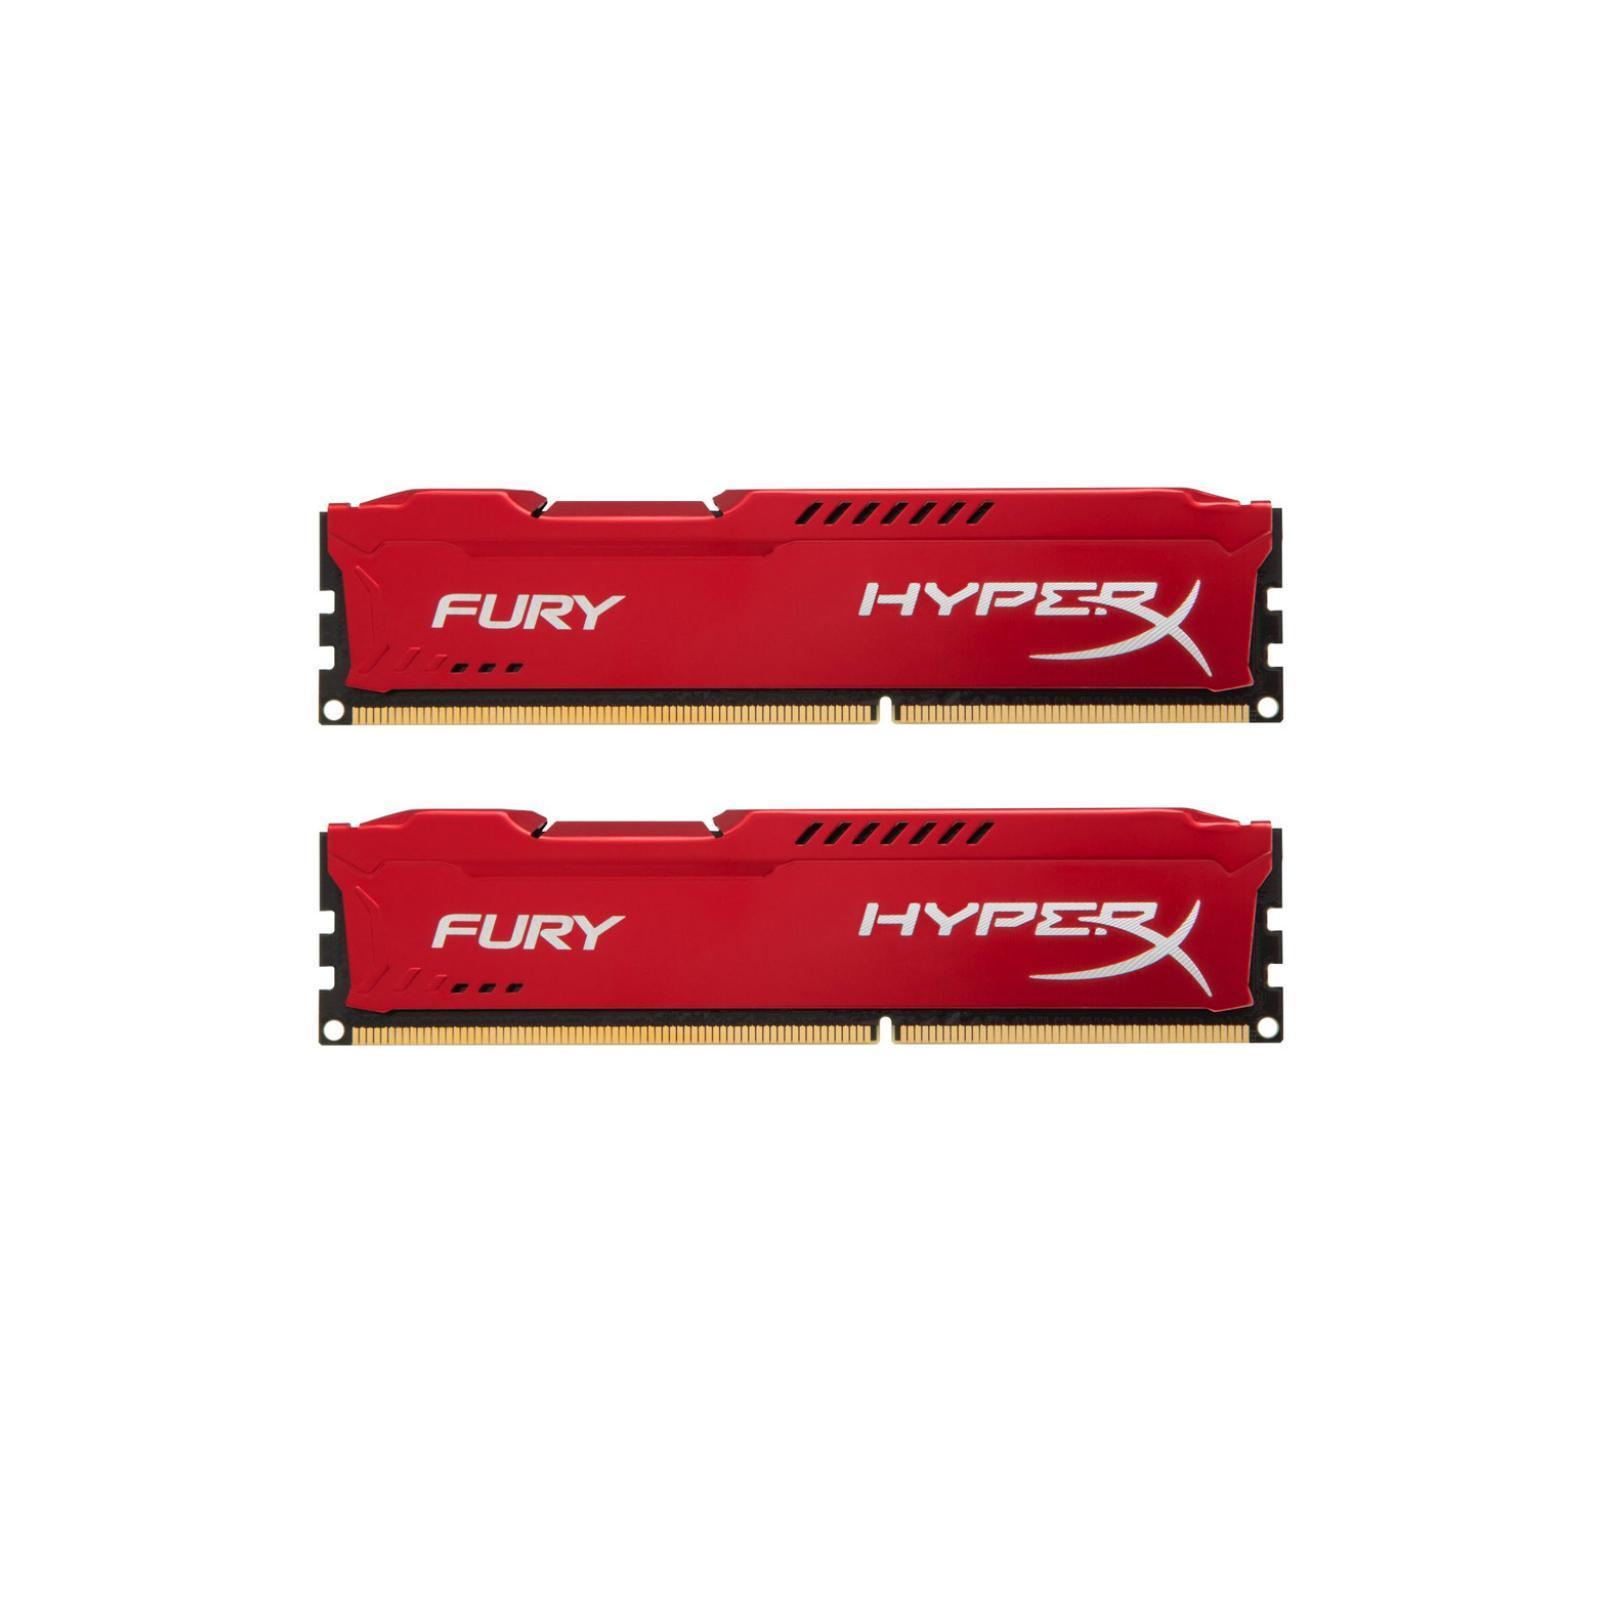 Модуль памяти для компьютера DDR4 16GB (2x8GB) 3200 MHz HyperX FURY Red HyperX (Kingston Fury) (HX432C18FR2K2/16)